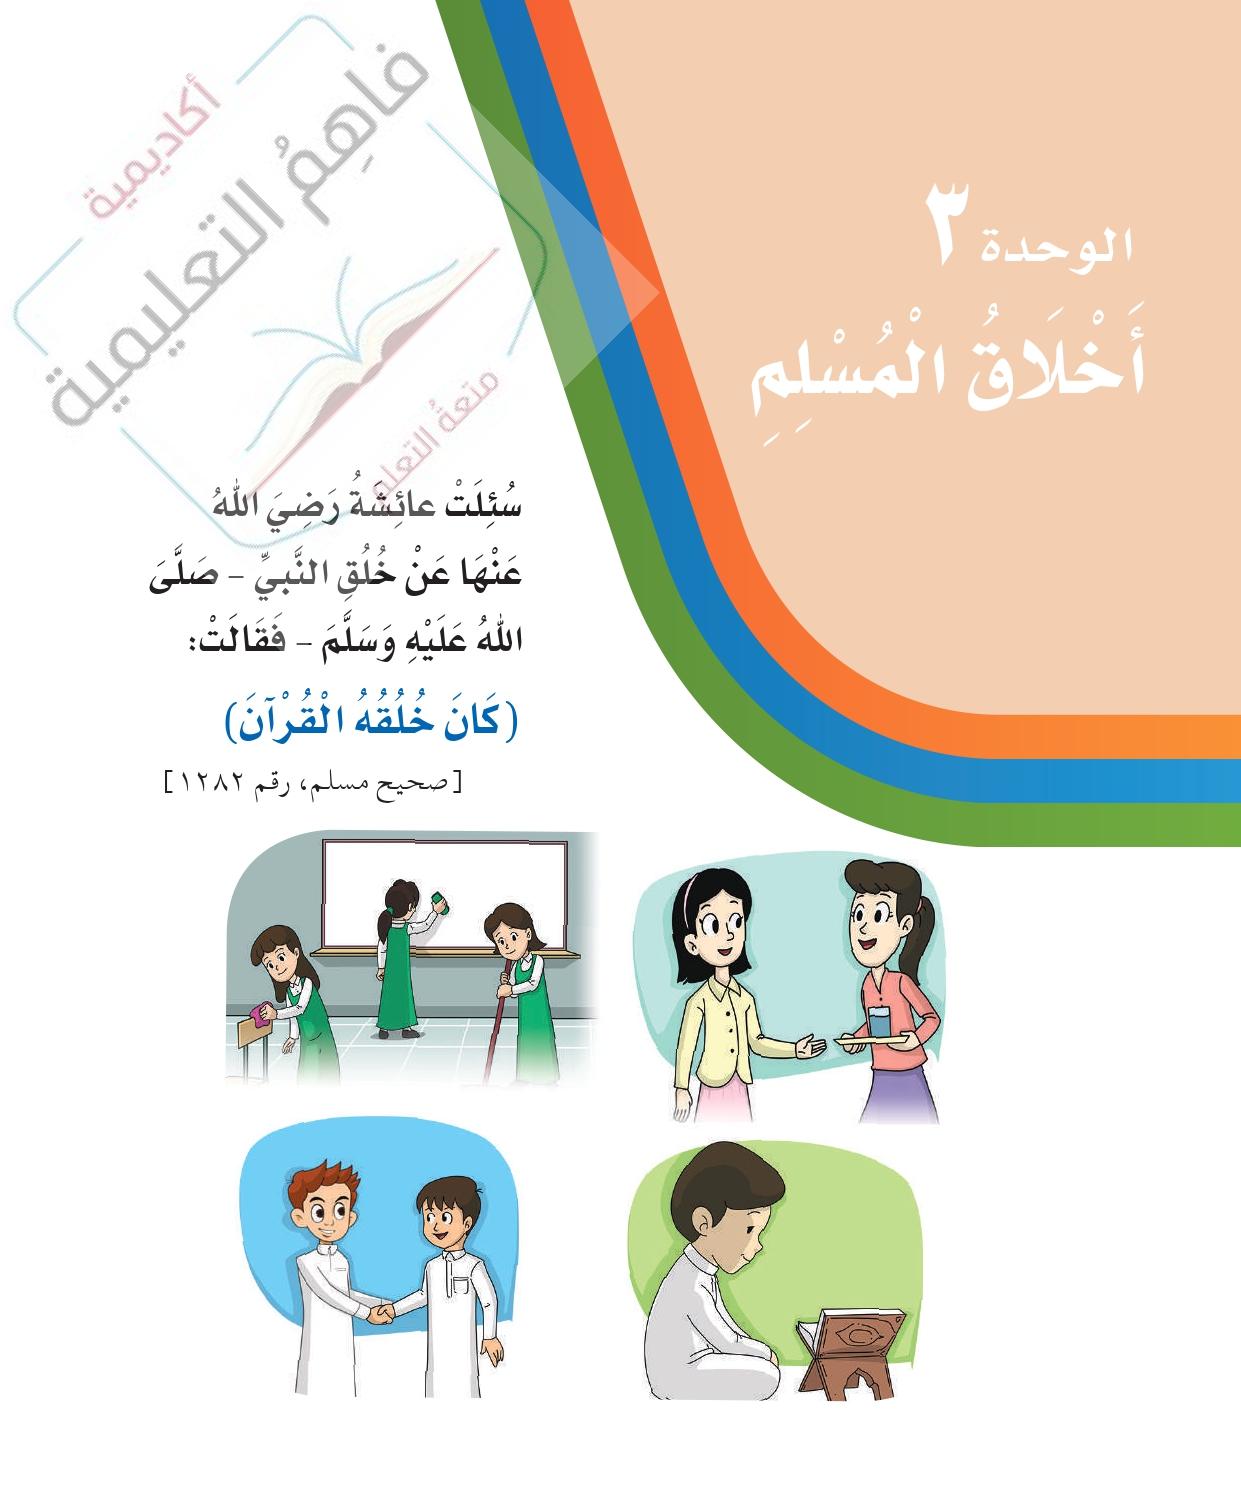 حل لغتي ثالث ابتدائي الوحدة الثالثة أخلاق المسلم صفحة 86 120